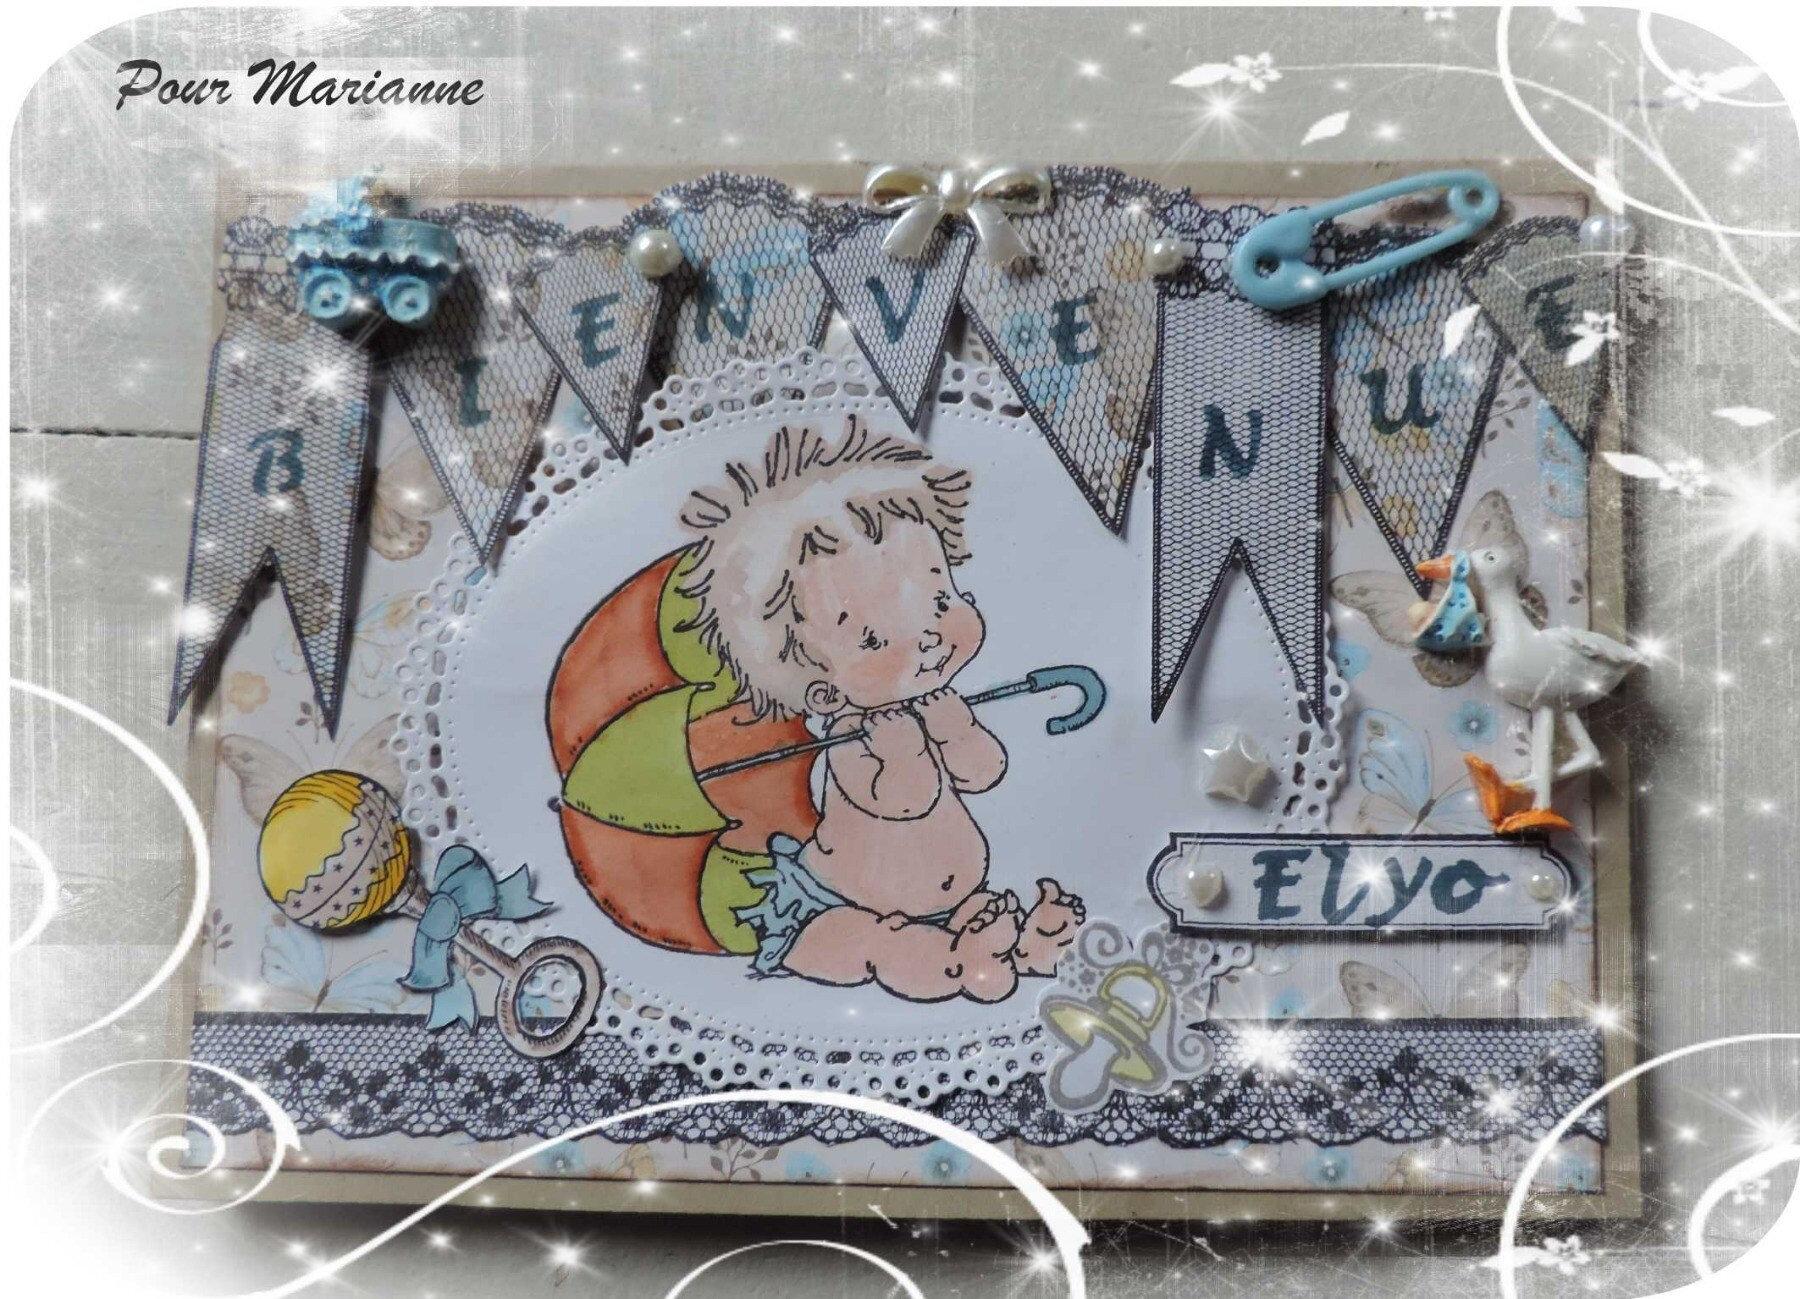 Pour le tit Fils de Marianne * Décembre 2018